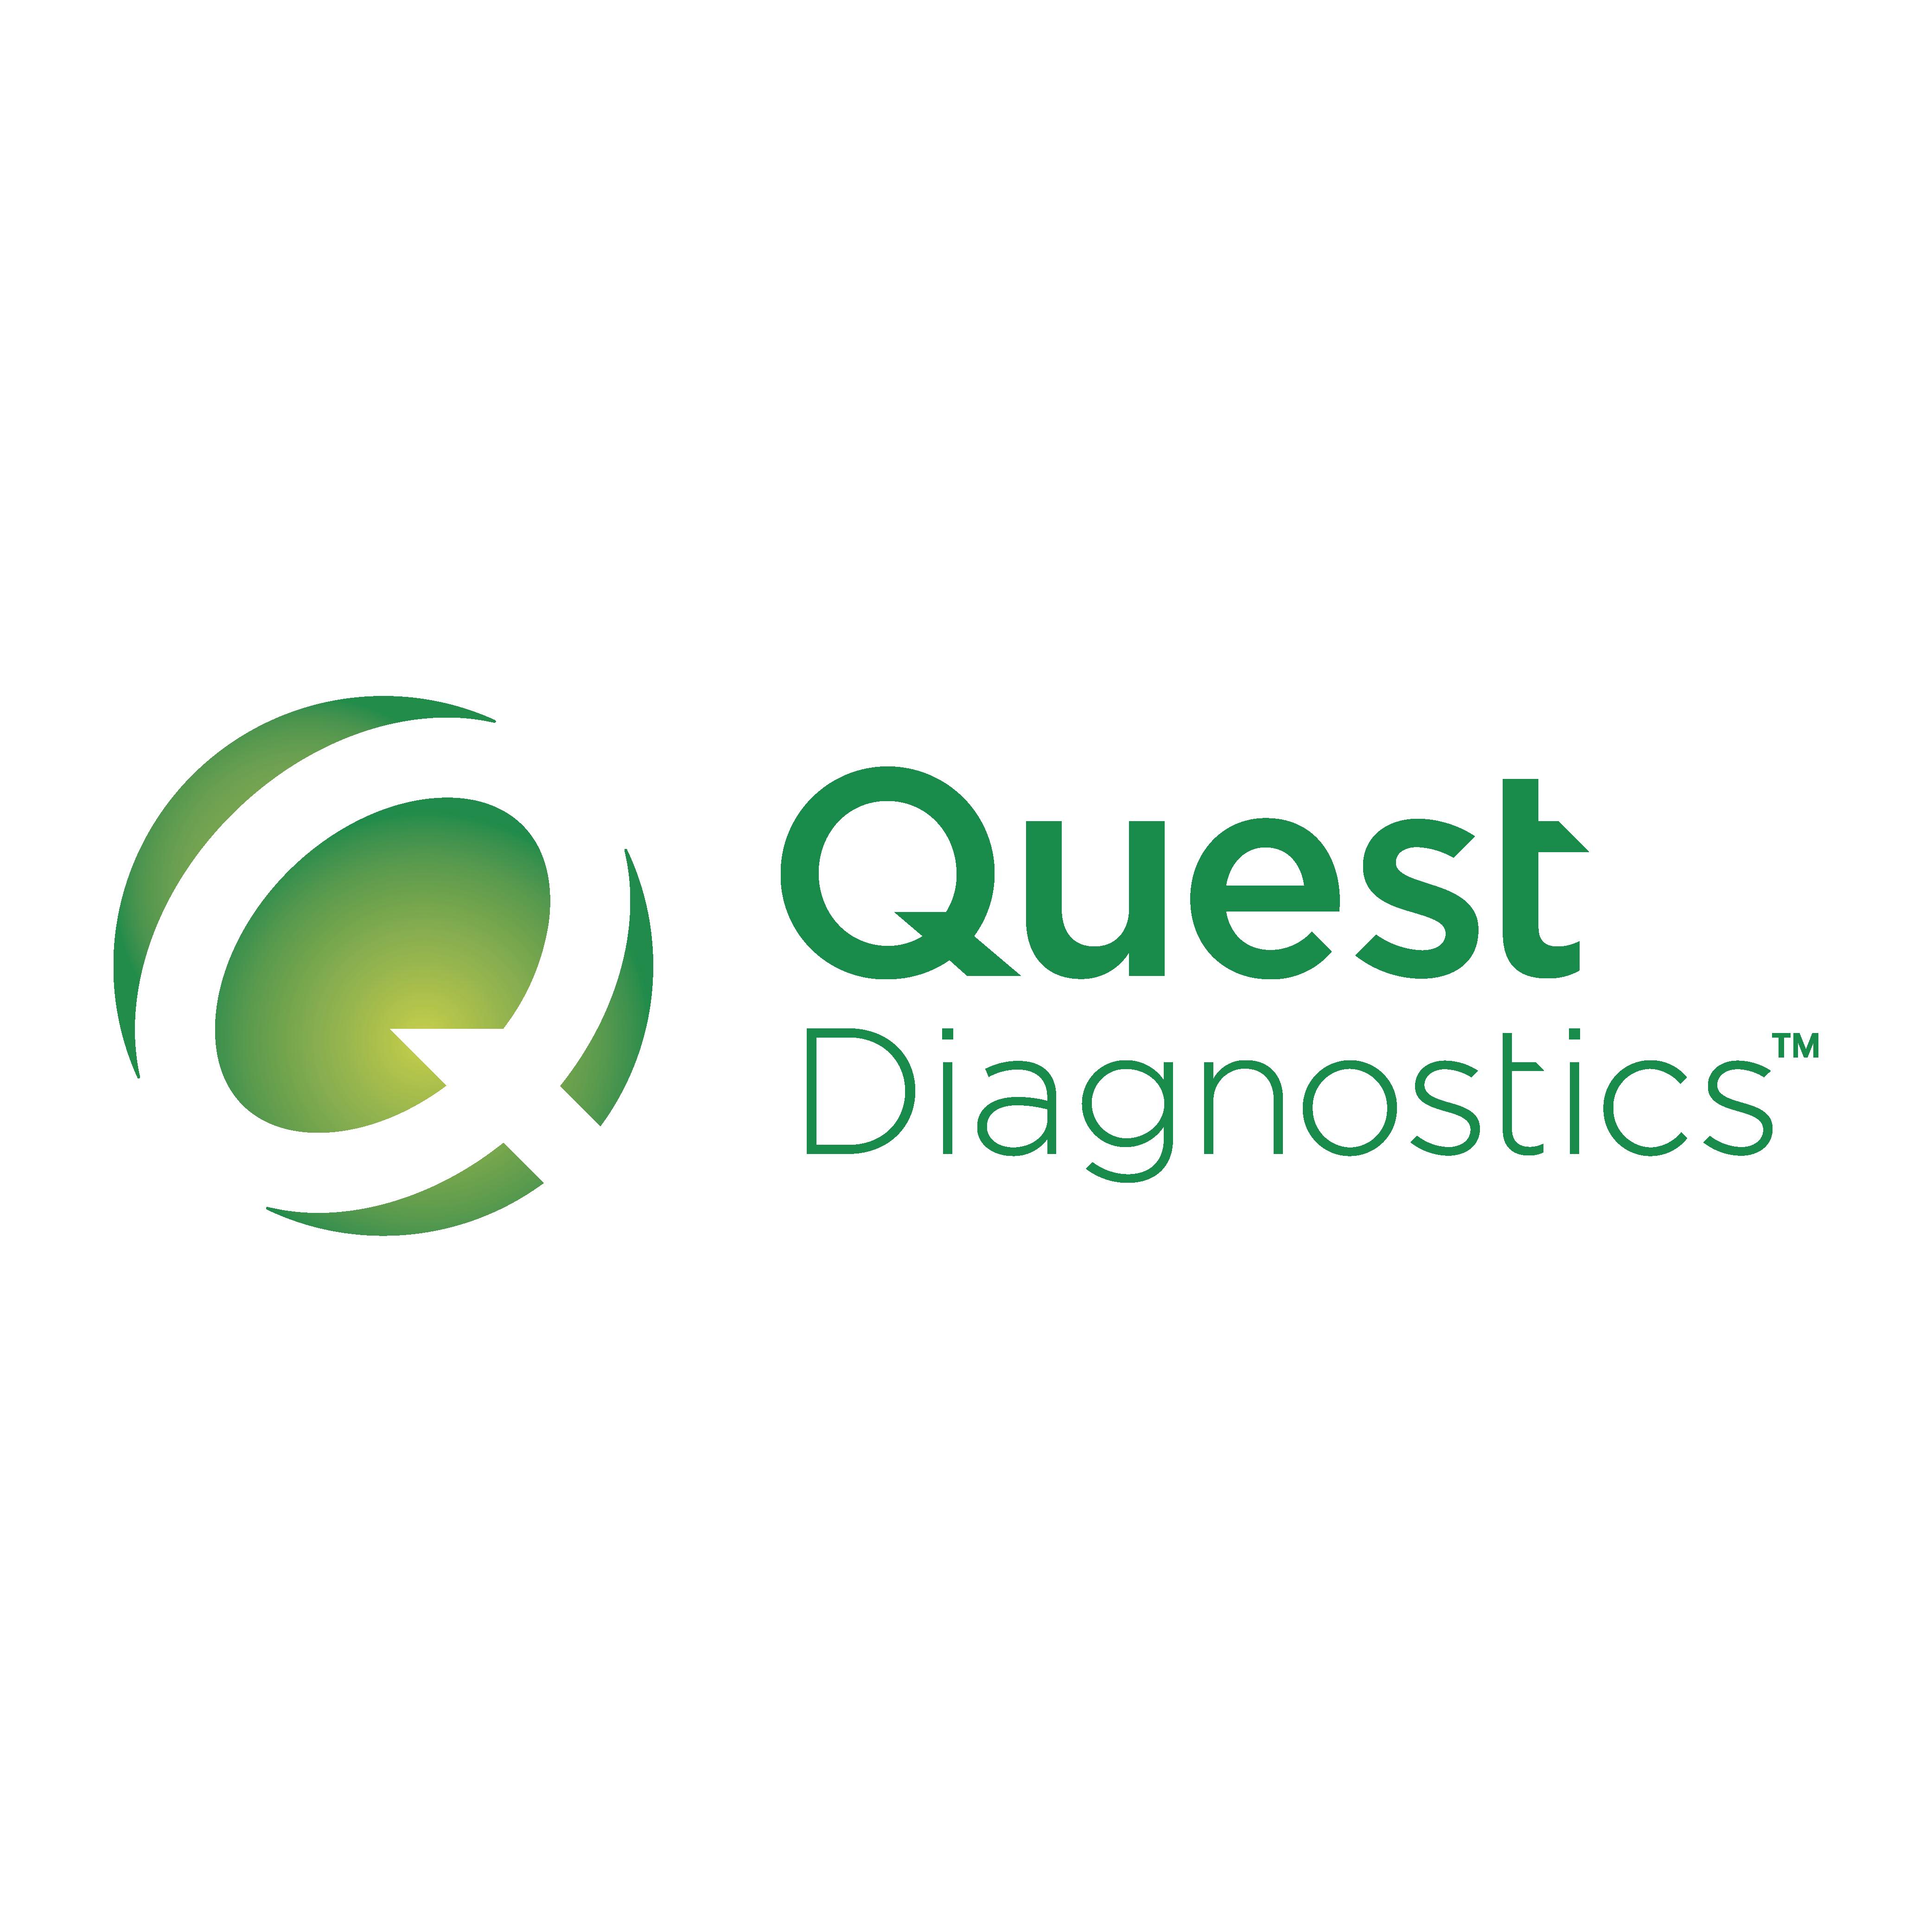 quest-diagnostics-seeklogo.com-01